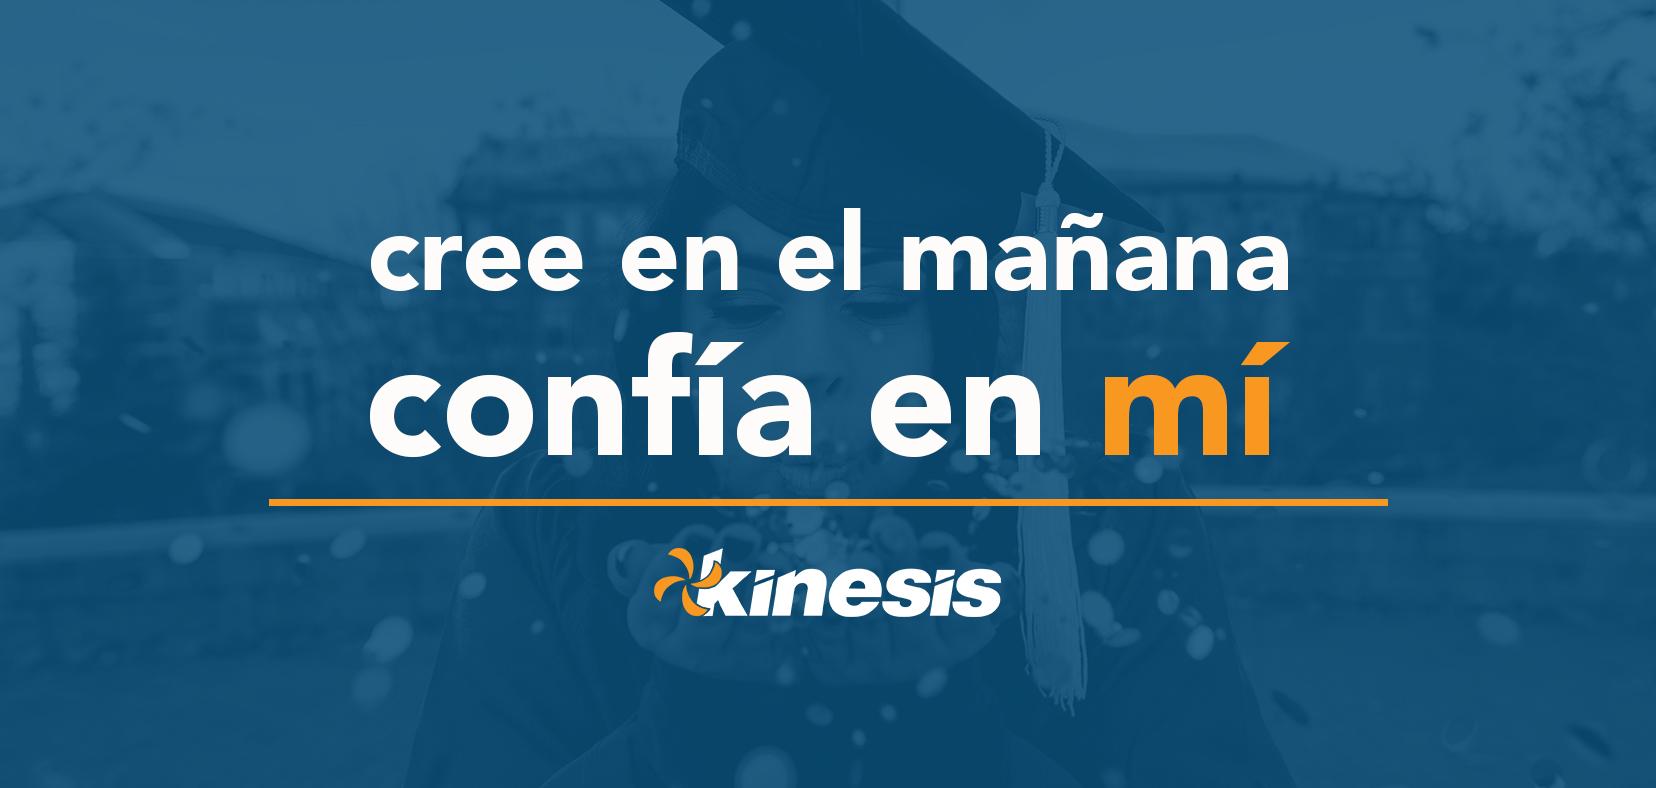 La Fundación Kinesis lanzó su campaña anual: Cree en el mañana, confía en mi /  Believe in Tomorrow, Believe in Me, en apoyo a los estudiantes de Puerto Rico.